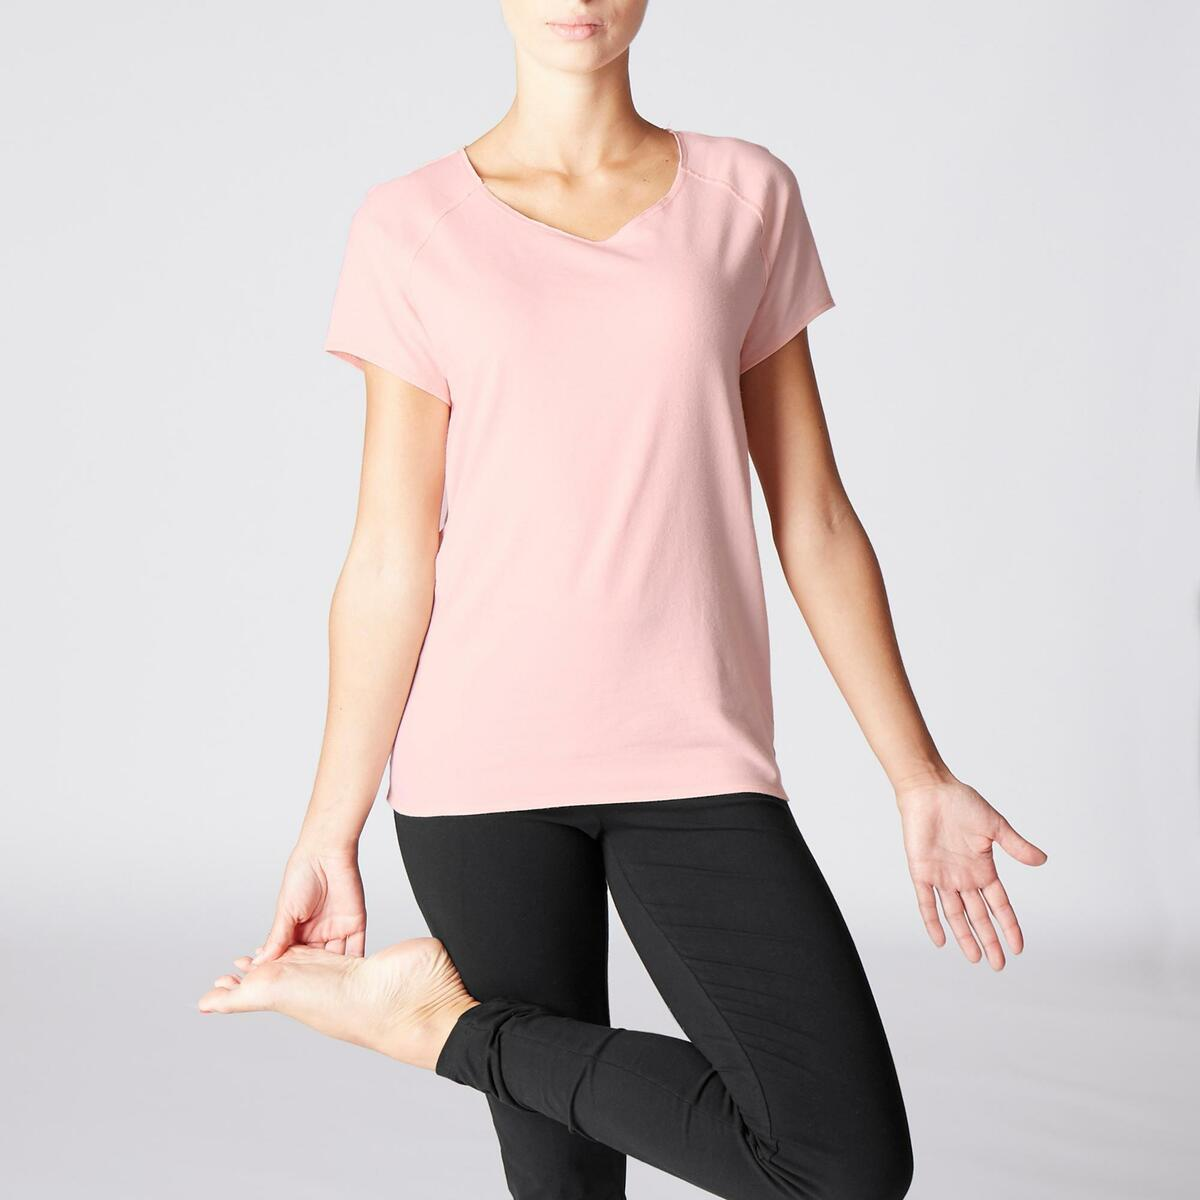 Bild 2 von T-Shirt sanftes Yoga aus Baumwolle aus biologischem Anbau Damen rosa